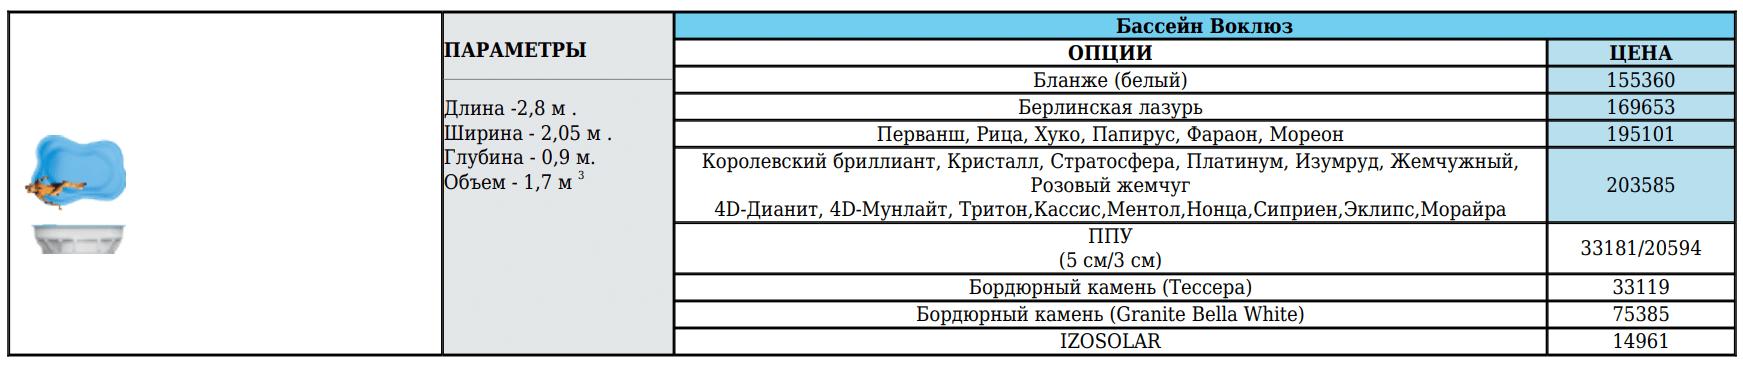 pic_f2d45af208d1aa55b268c2b2e59ec219_1920x9000_1.png